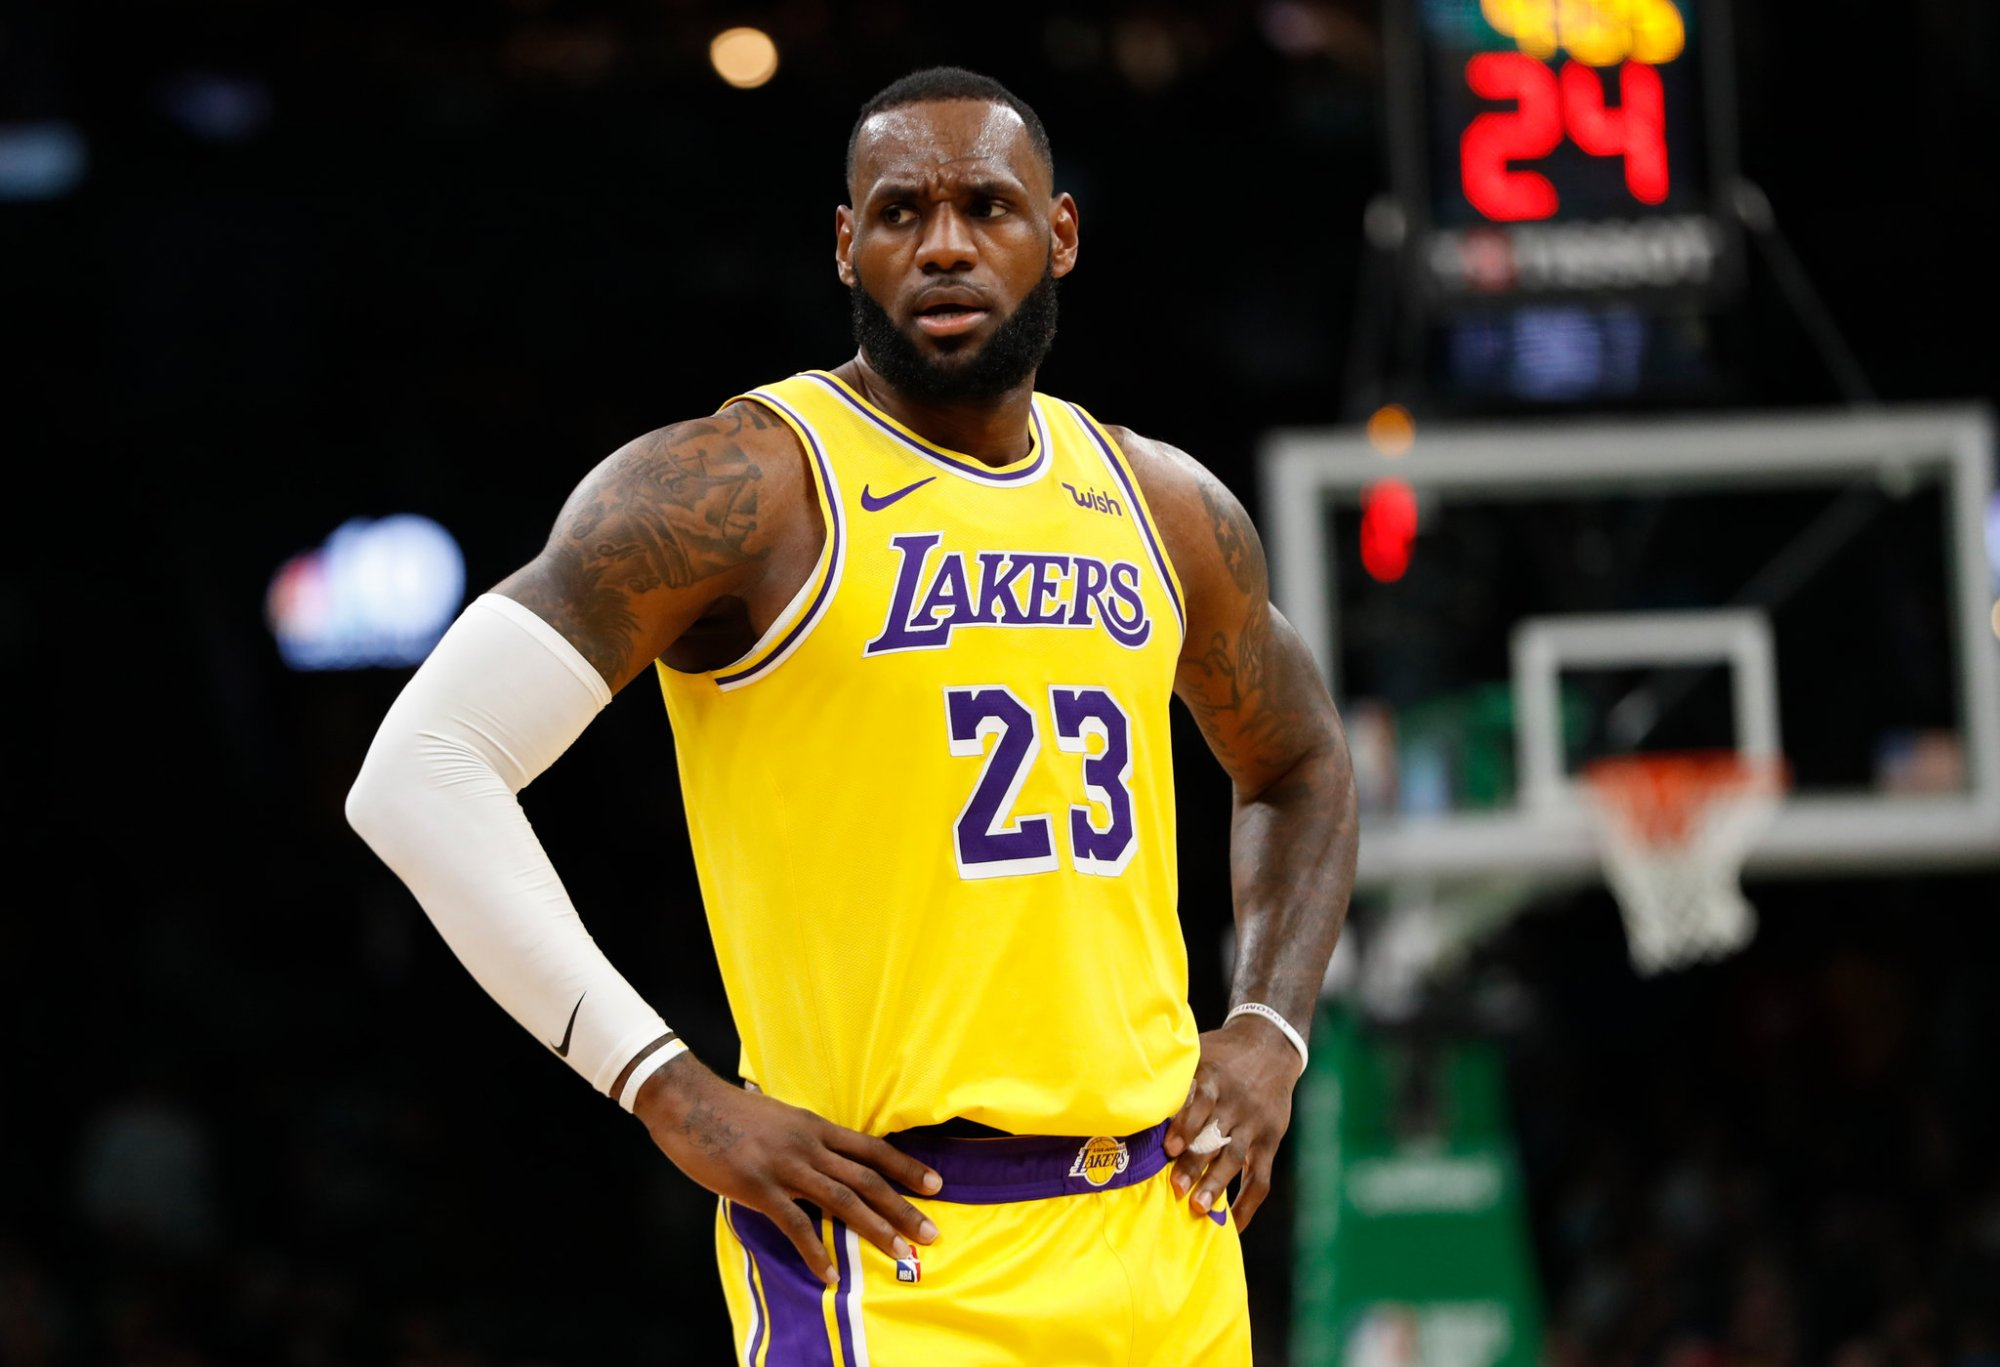 NBA发布新赛季目标时间,湖人卫冕难度提升,勇士成最大赢家?